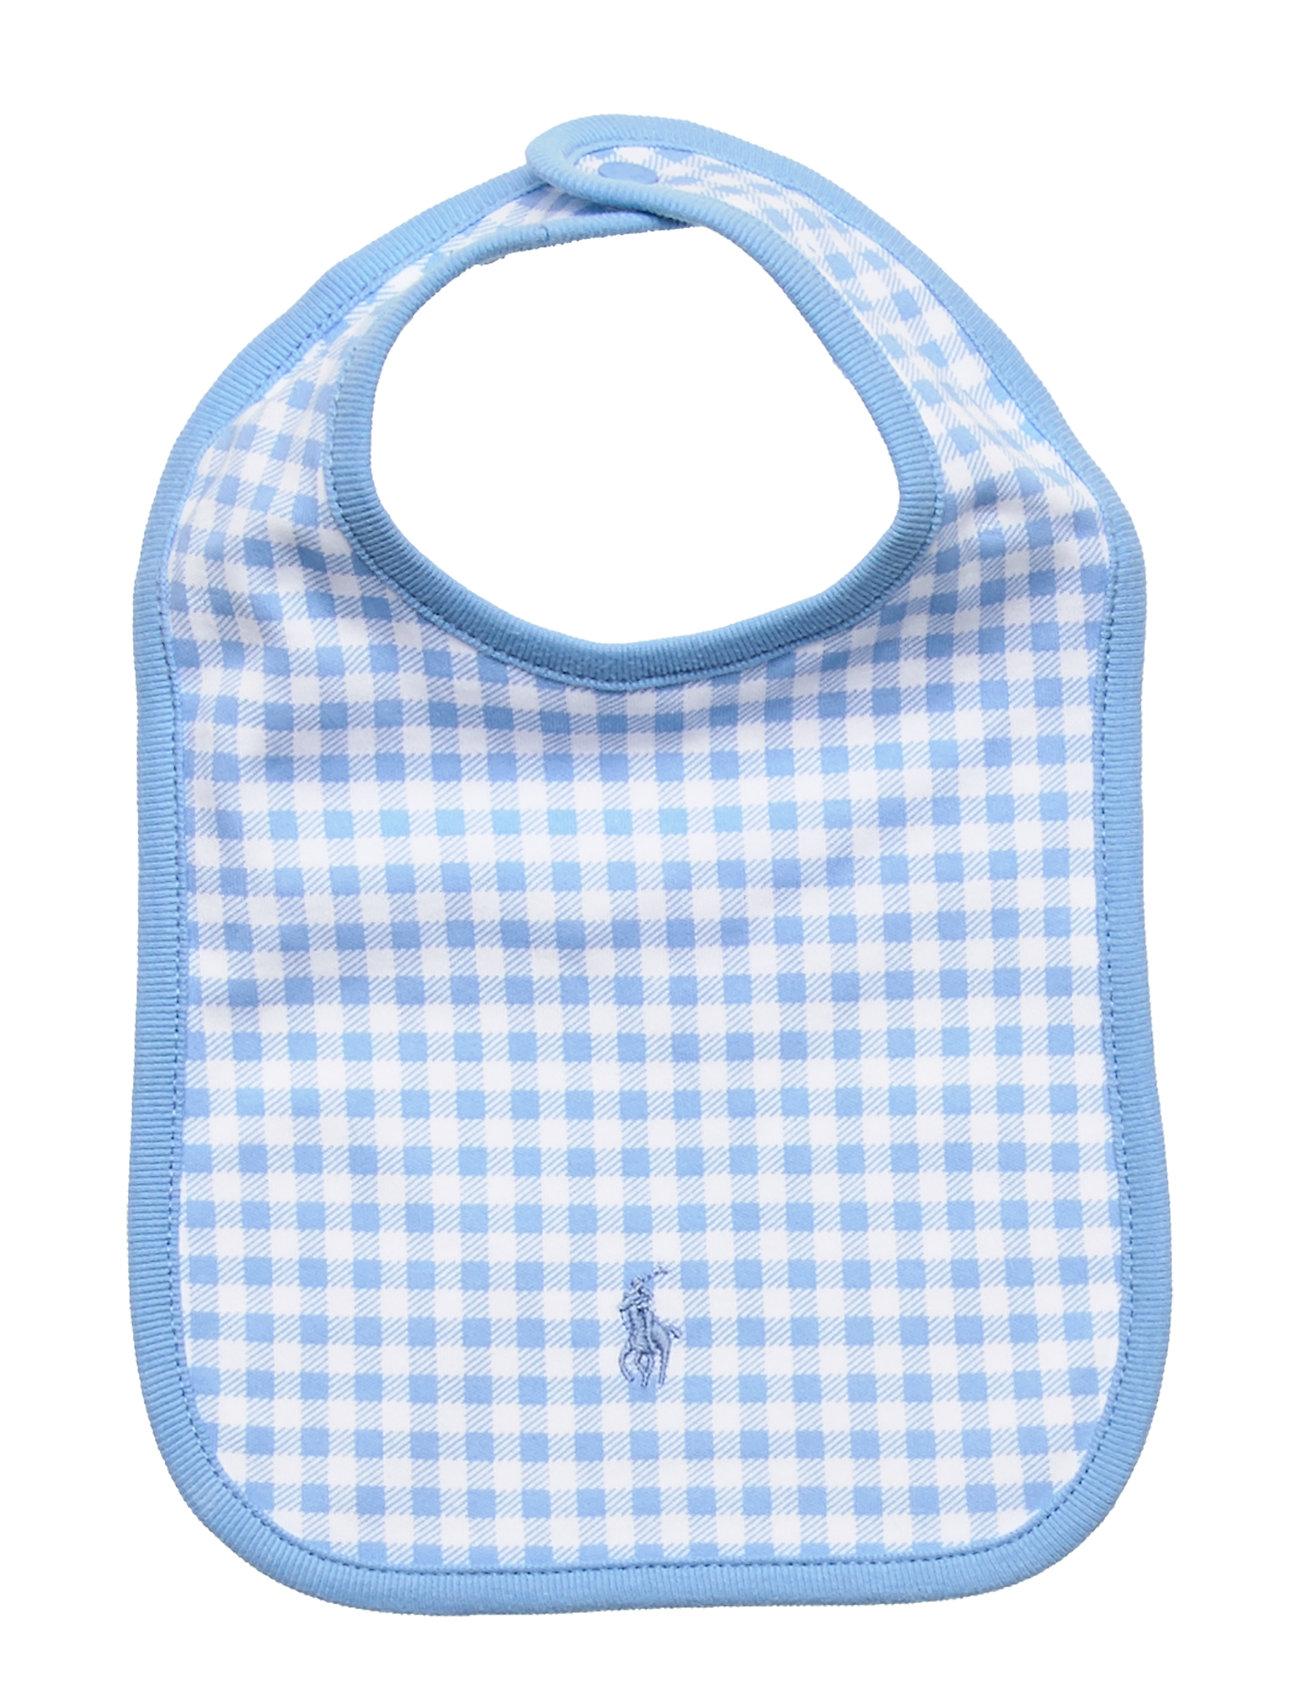 Ralph Lauren Baby Gingham Cotton Interlock Bib - CHATHAM BLUE